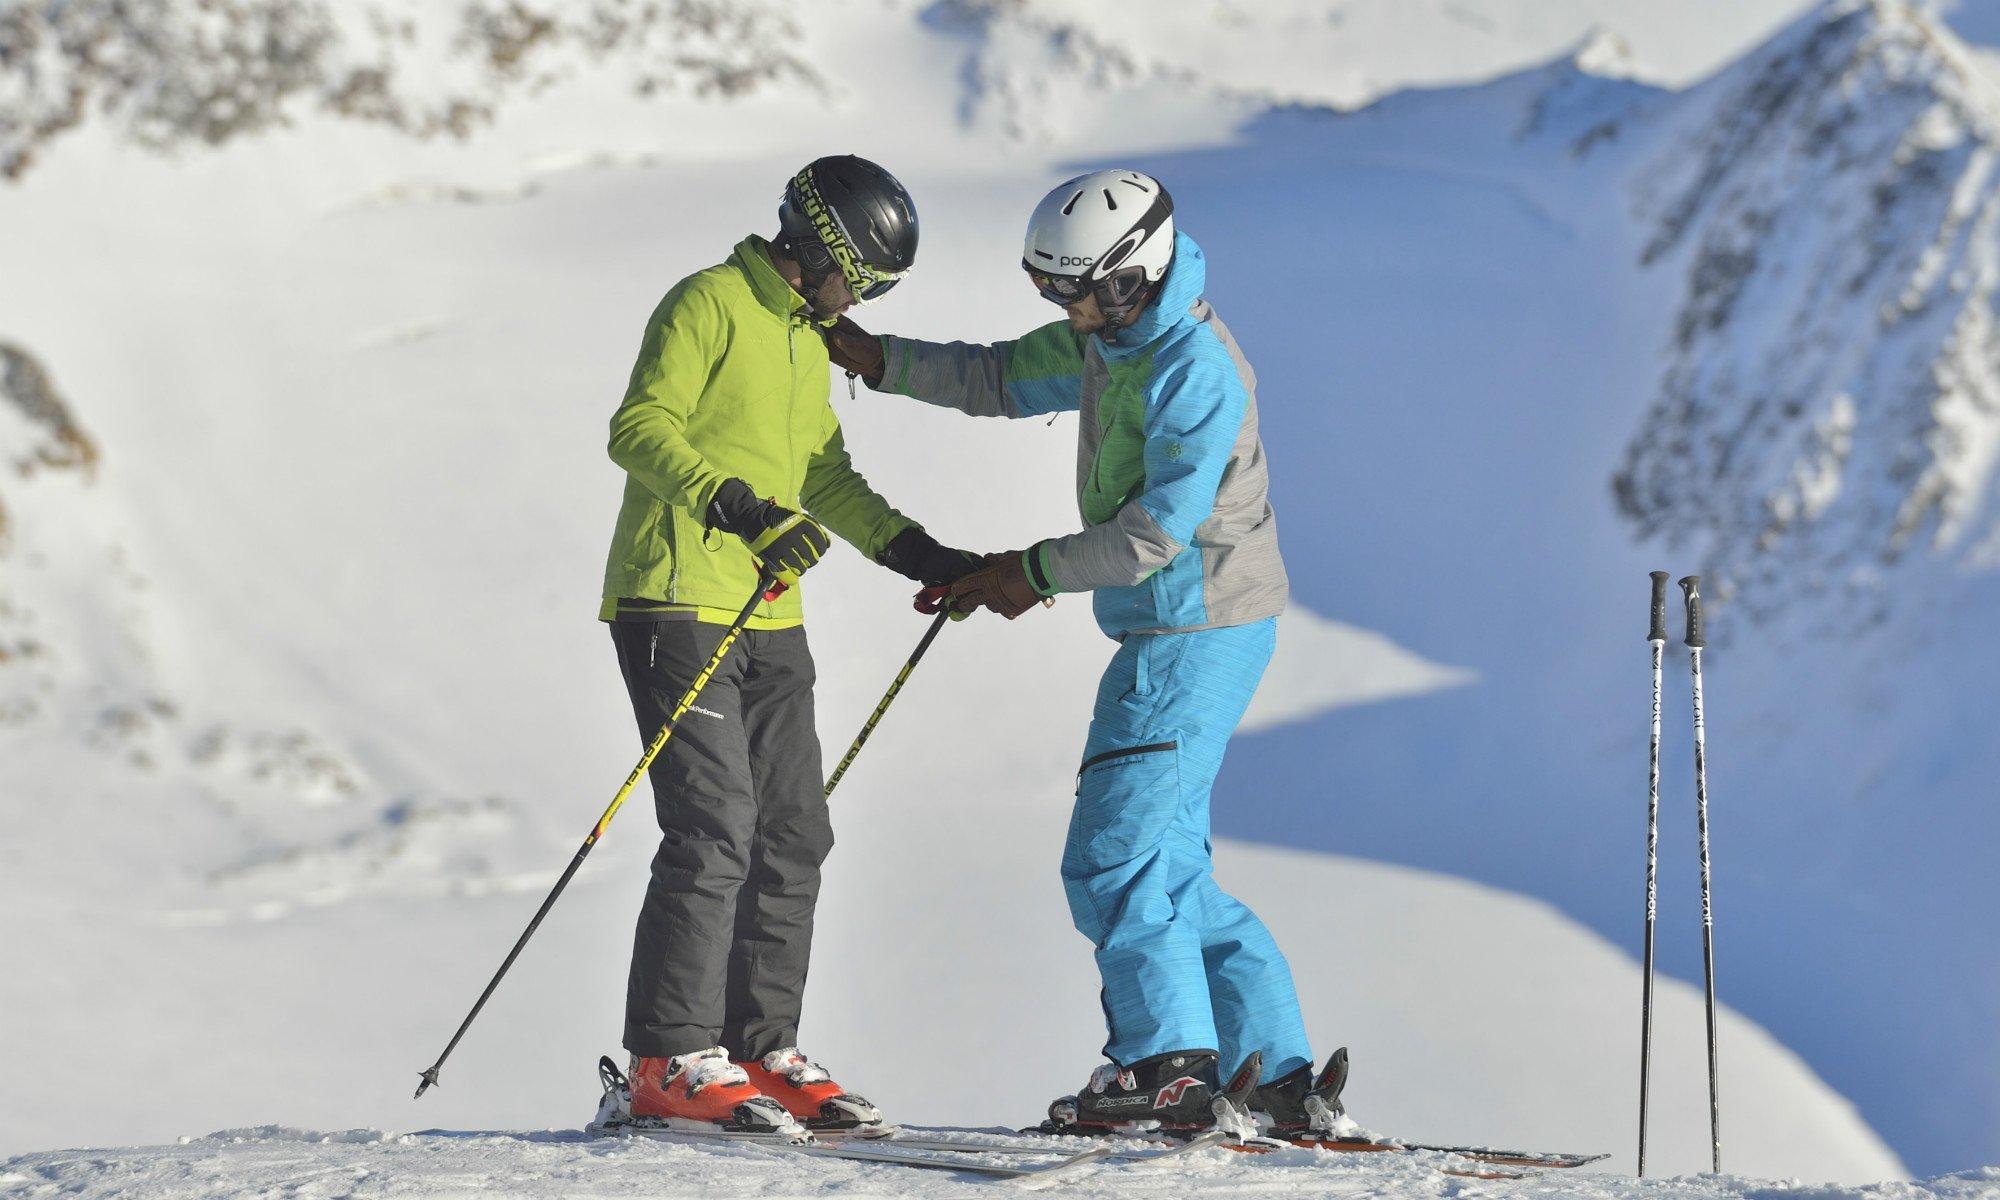 Ein Skilehrer unterstützt einen Kursteilnehmer dabei, sich auf seinen Skiern sicher zu fühlen.